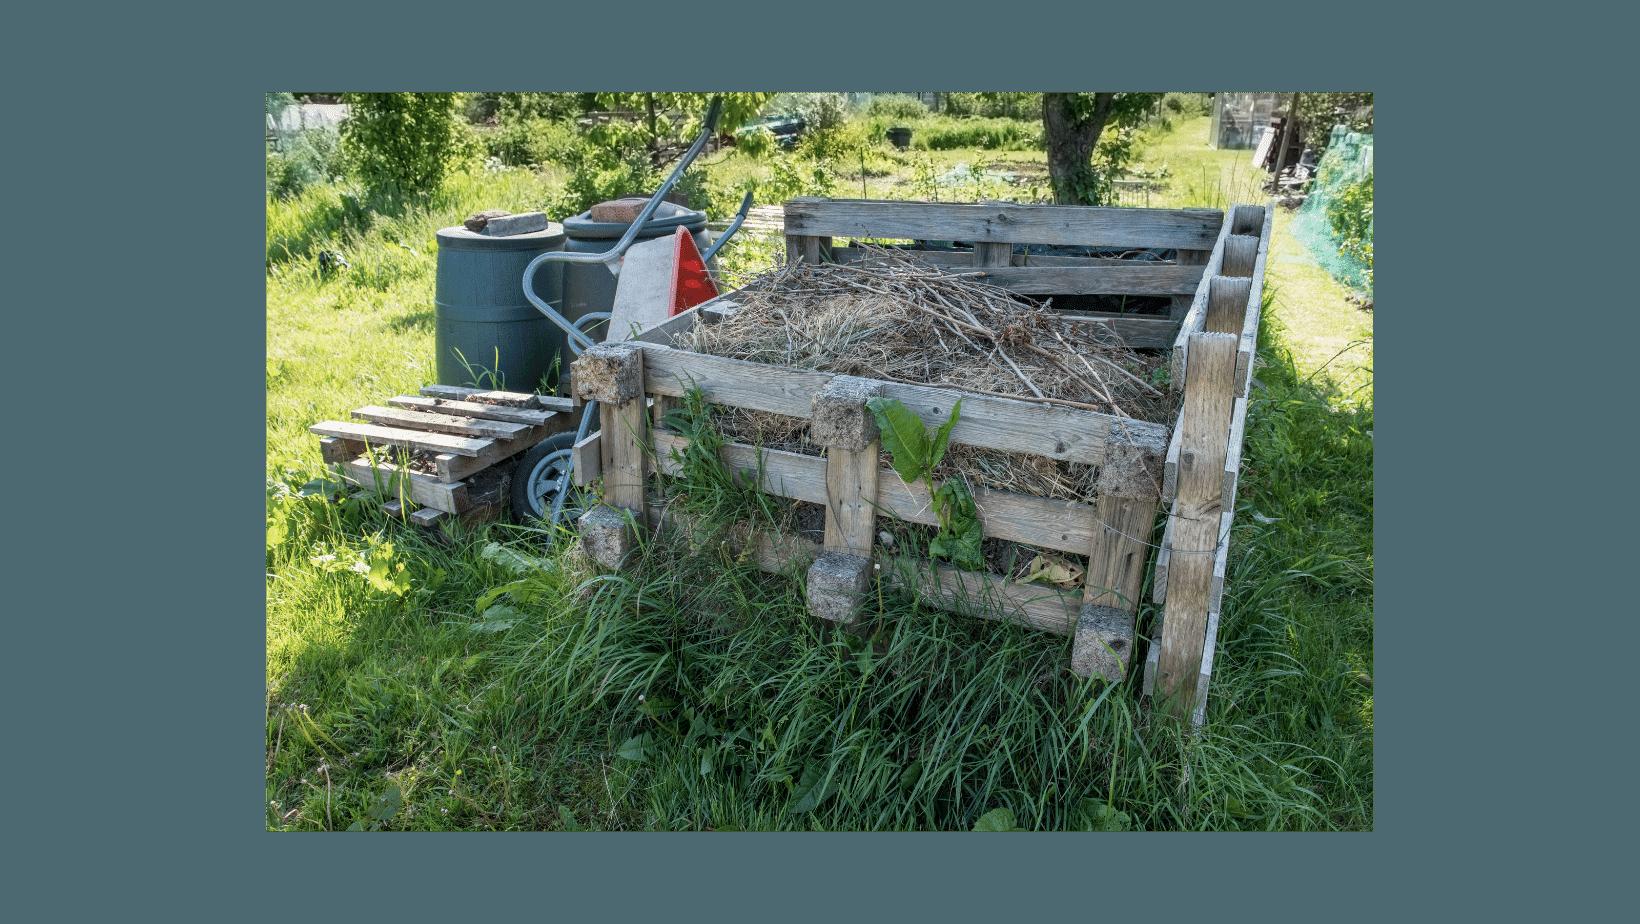 Votre bac à compost est prêt. Un engrais naturel vous attend bientôt